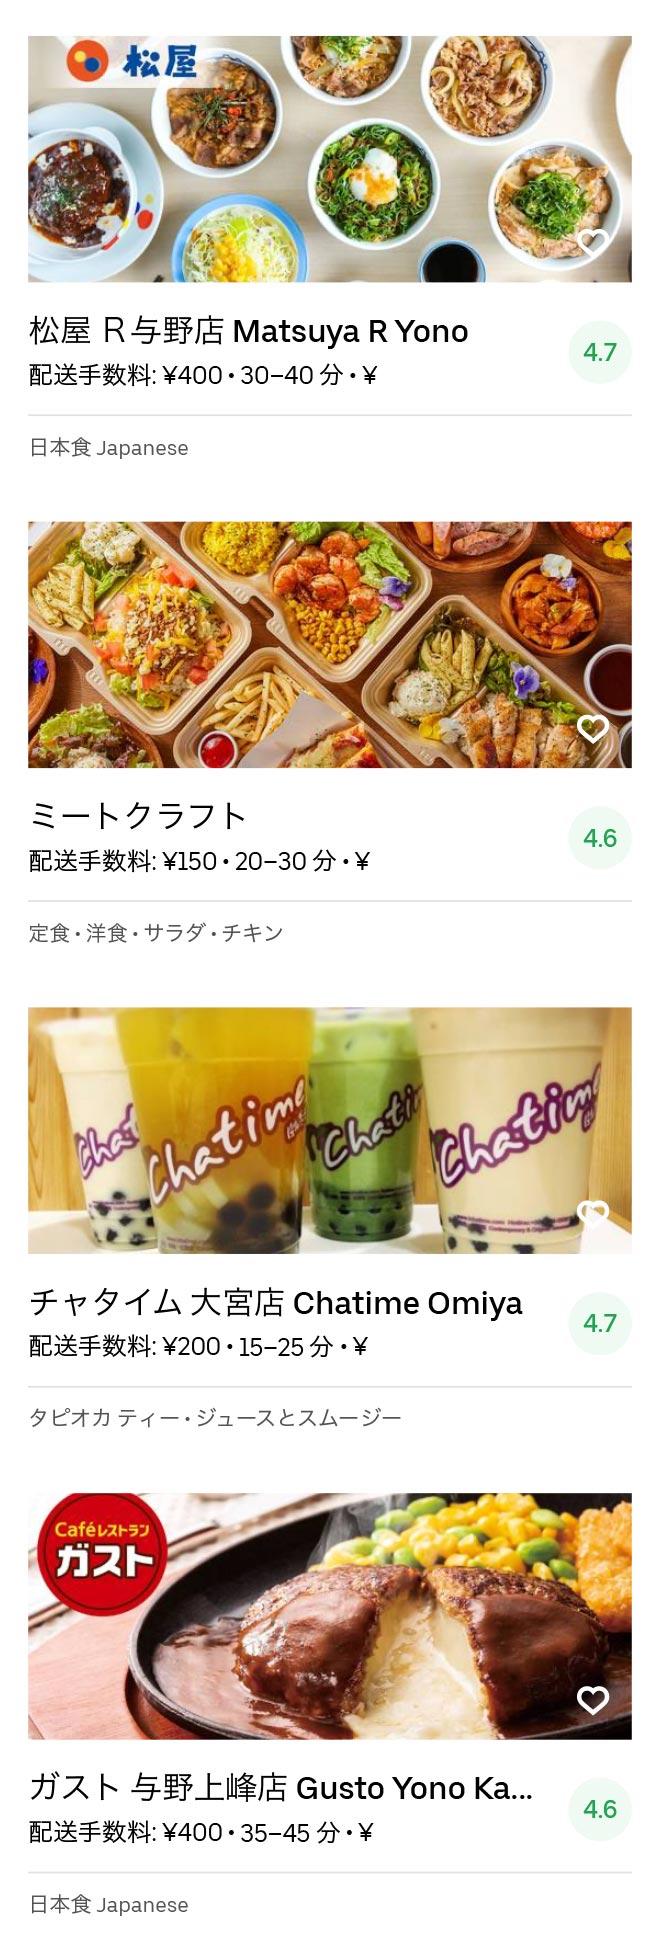 Saitama oomiya menu 2006 08